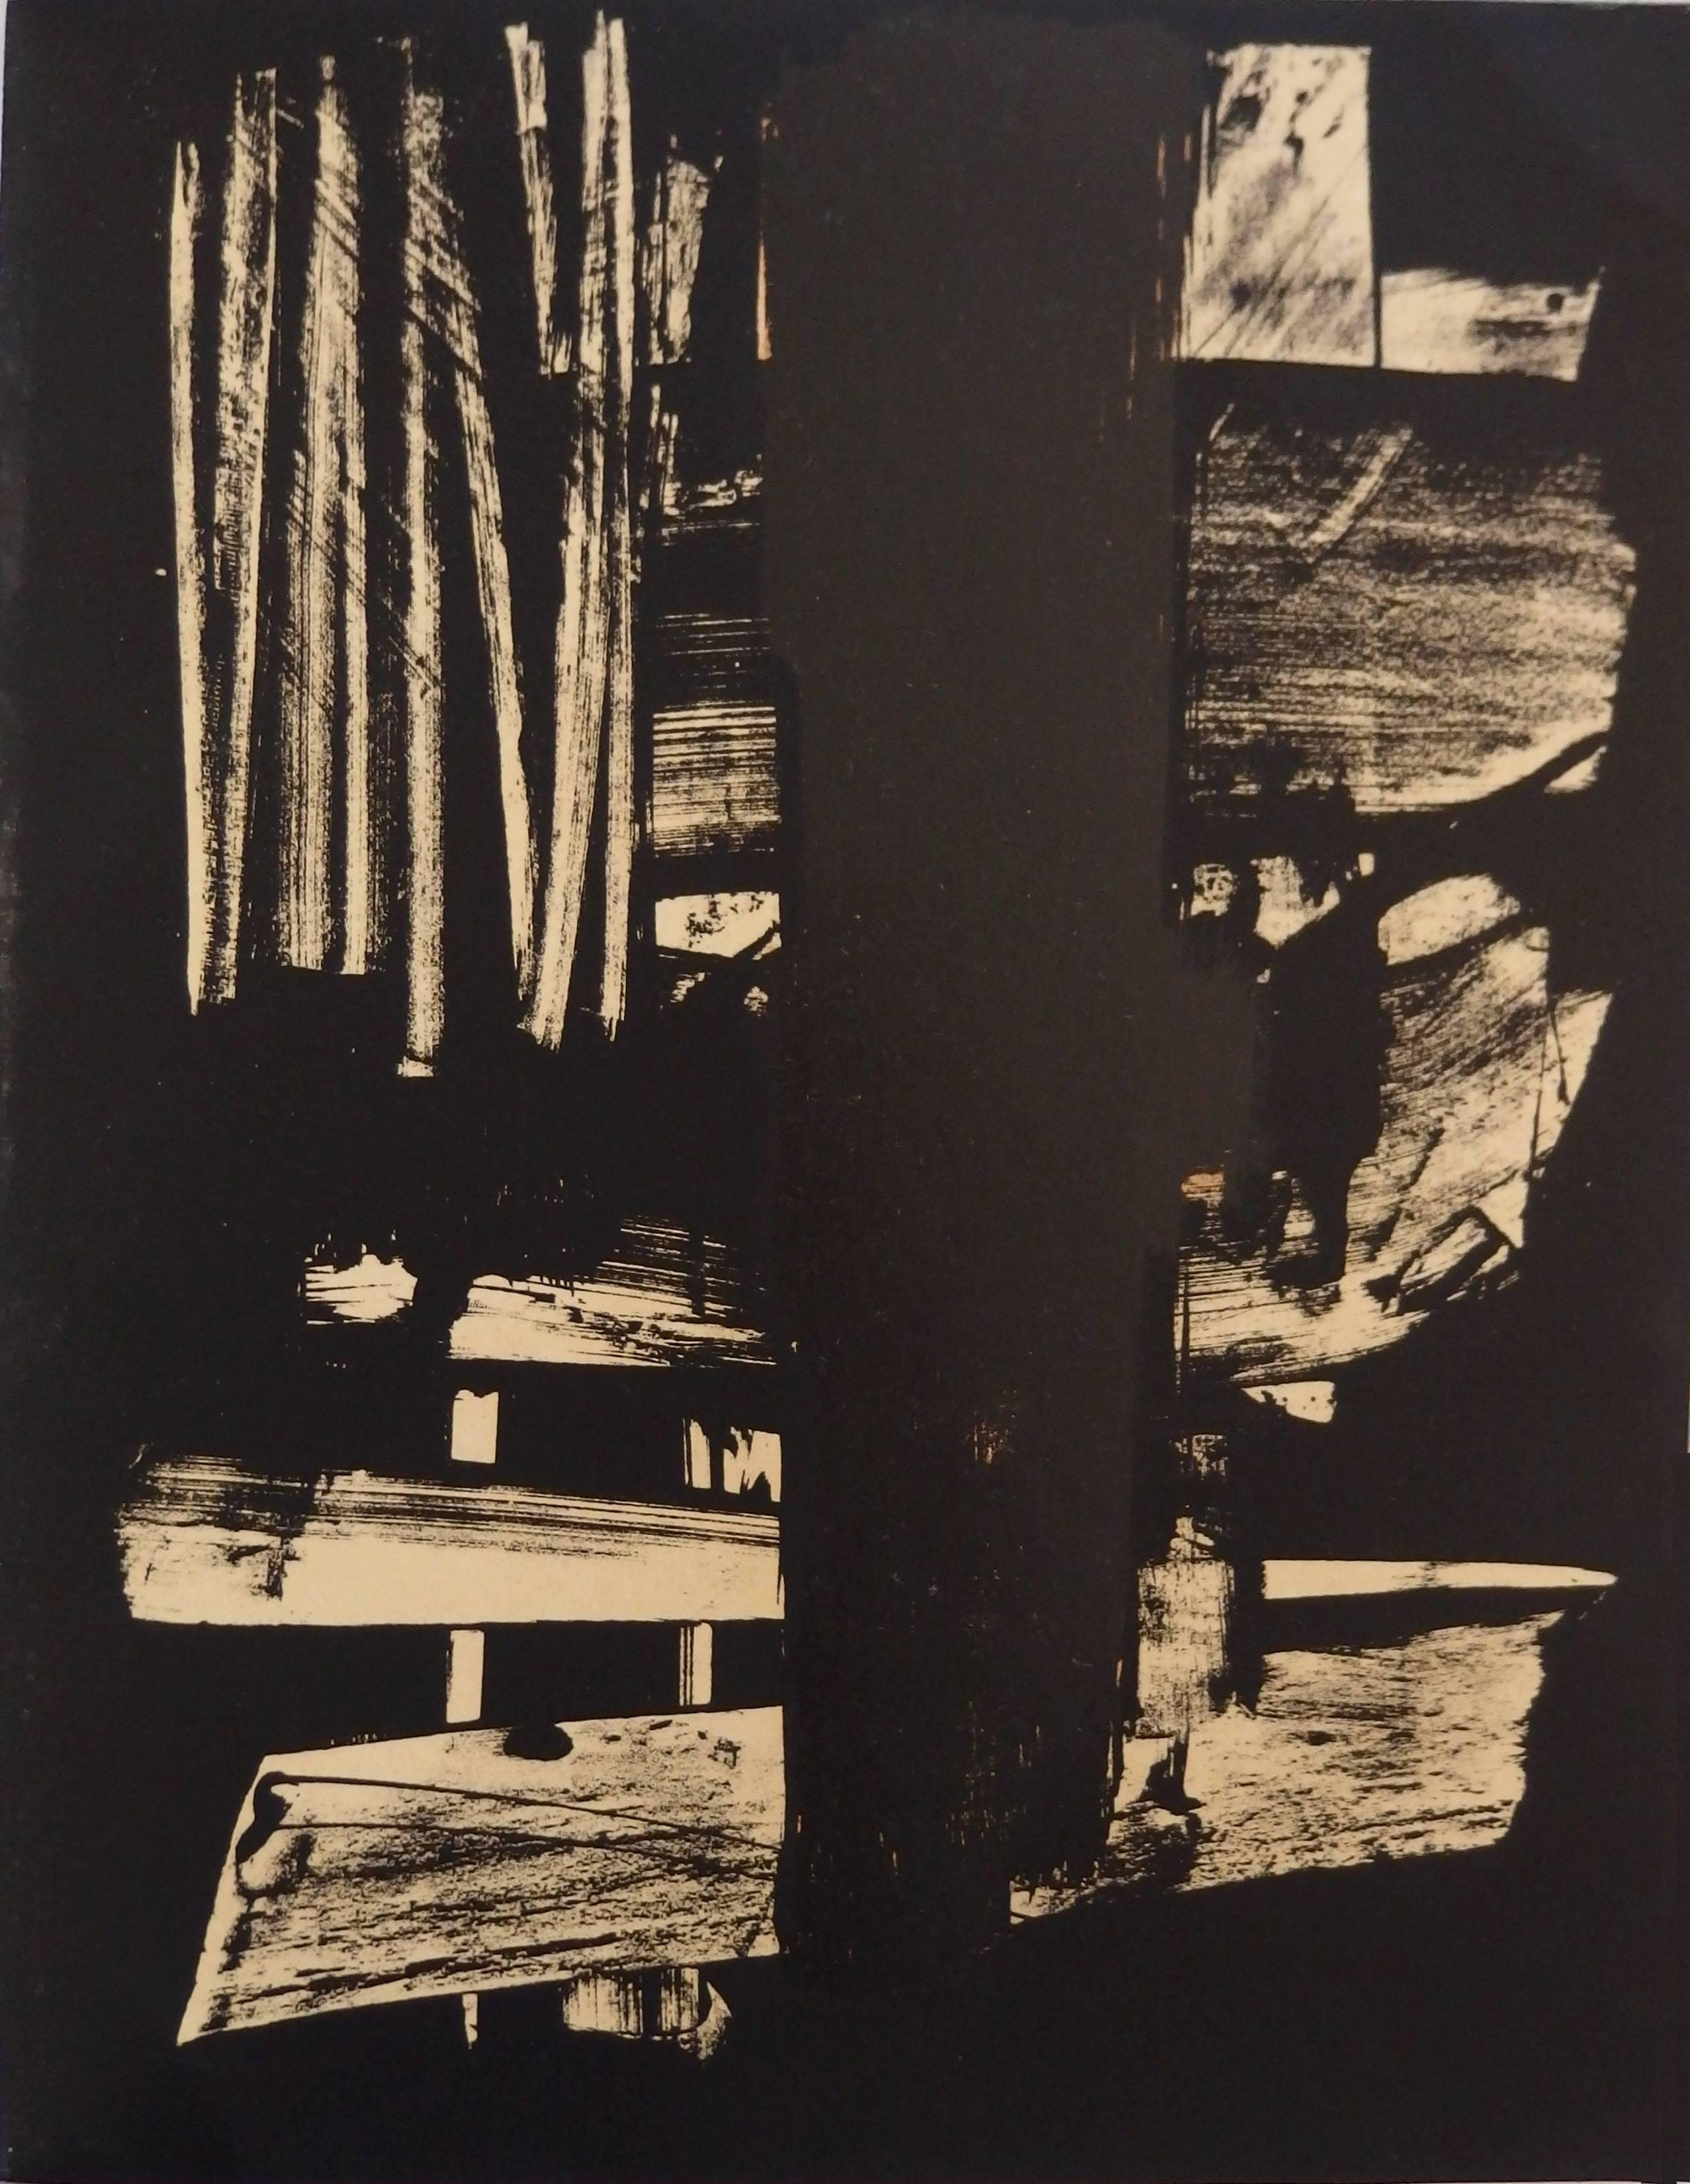 Lithograph n°9 - Original stone lithograph (Mourlot / Catalog raisonne BNF#53)